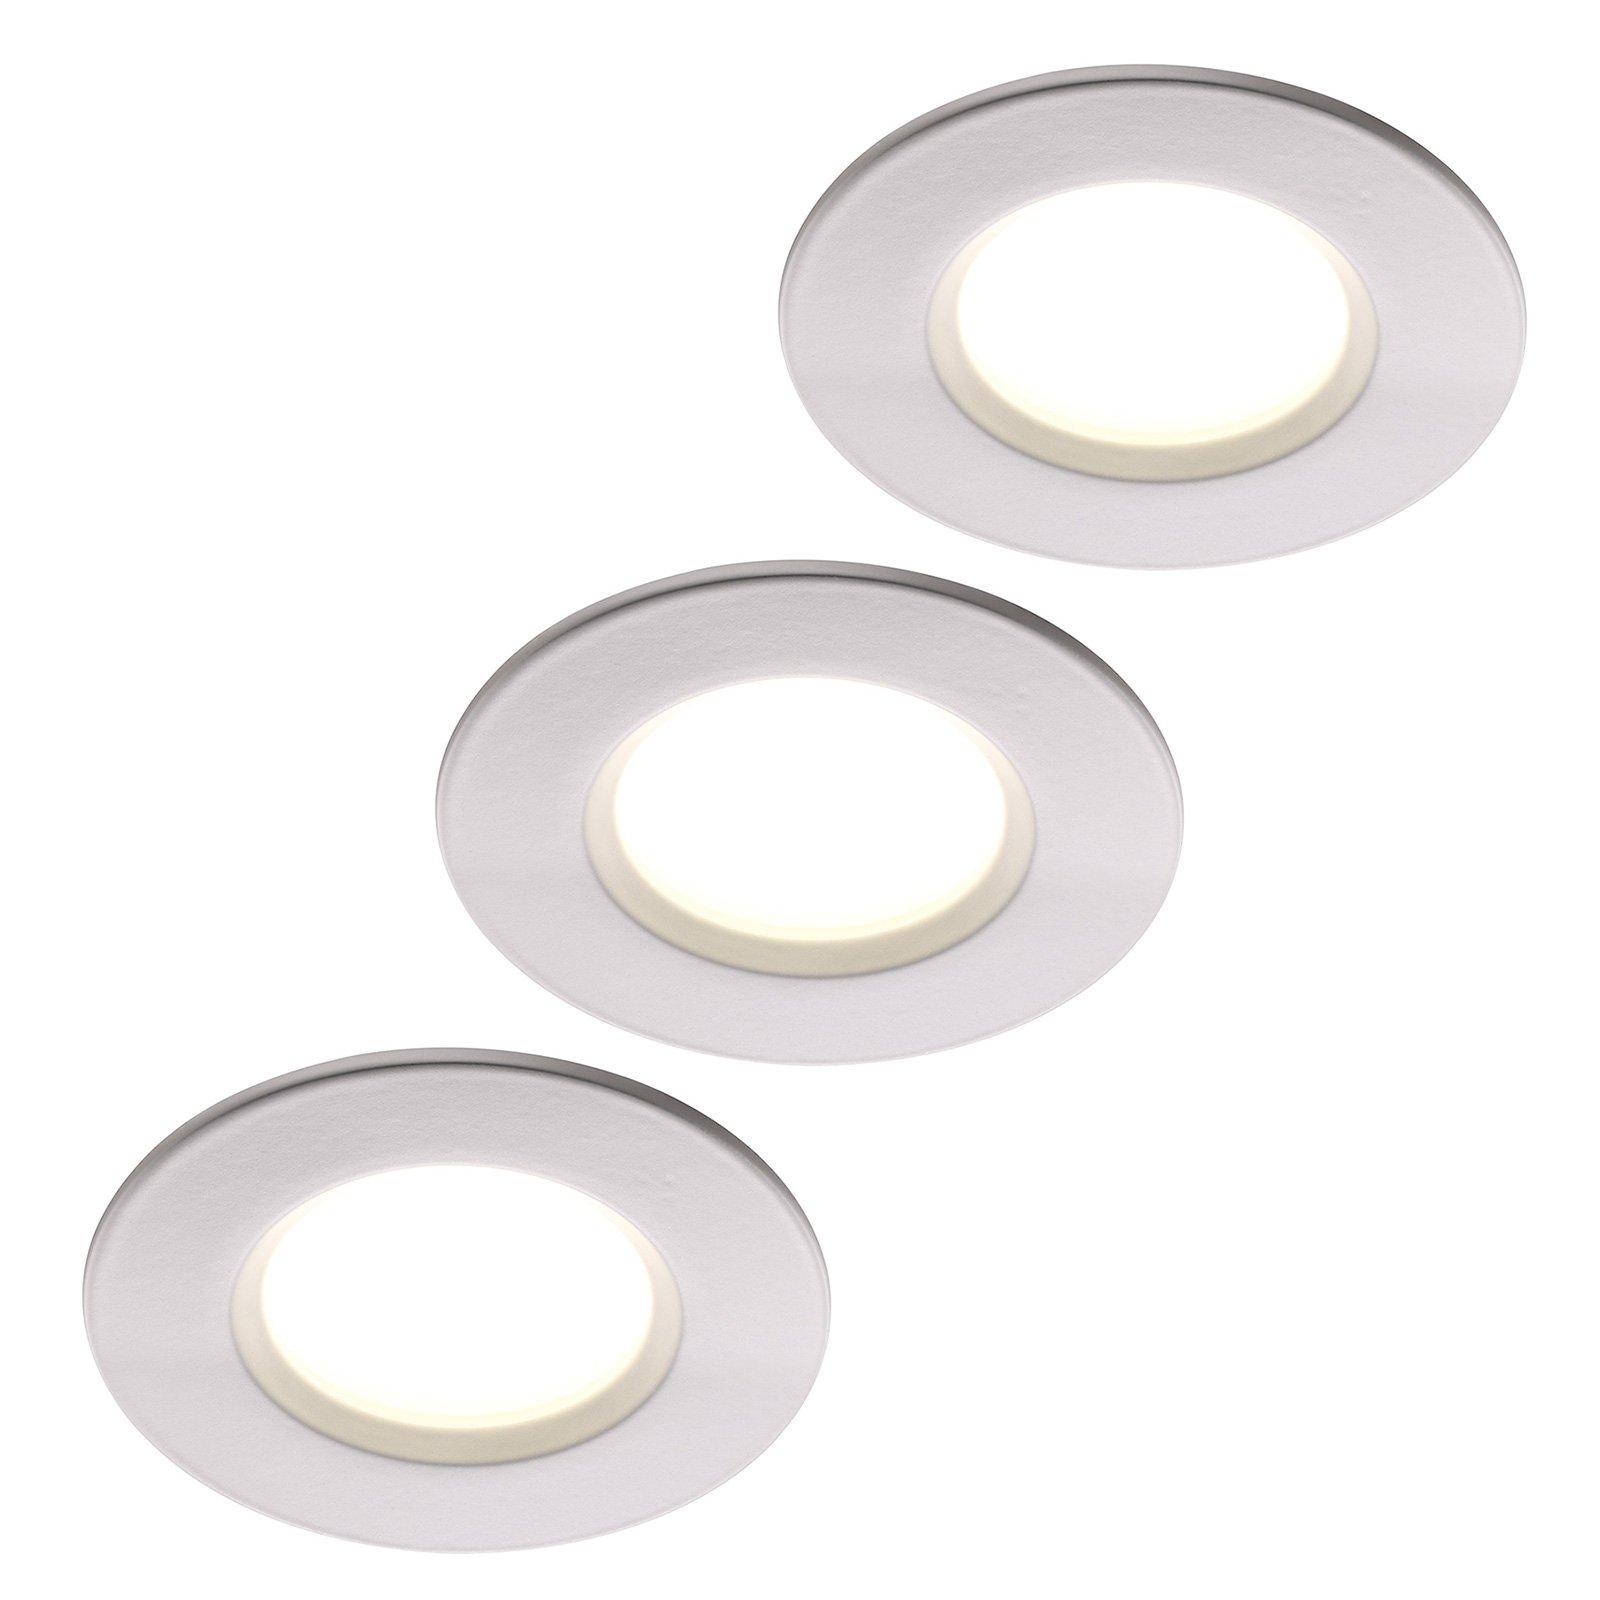 LED-innfellingslampe Clarkson 3-er-sett rund, hvit